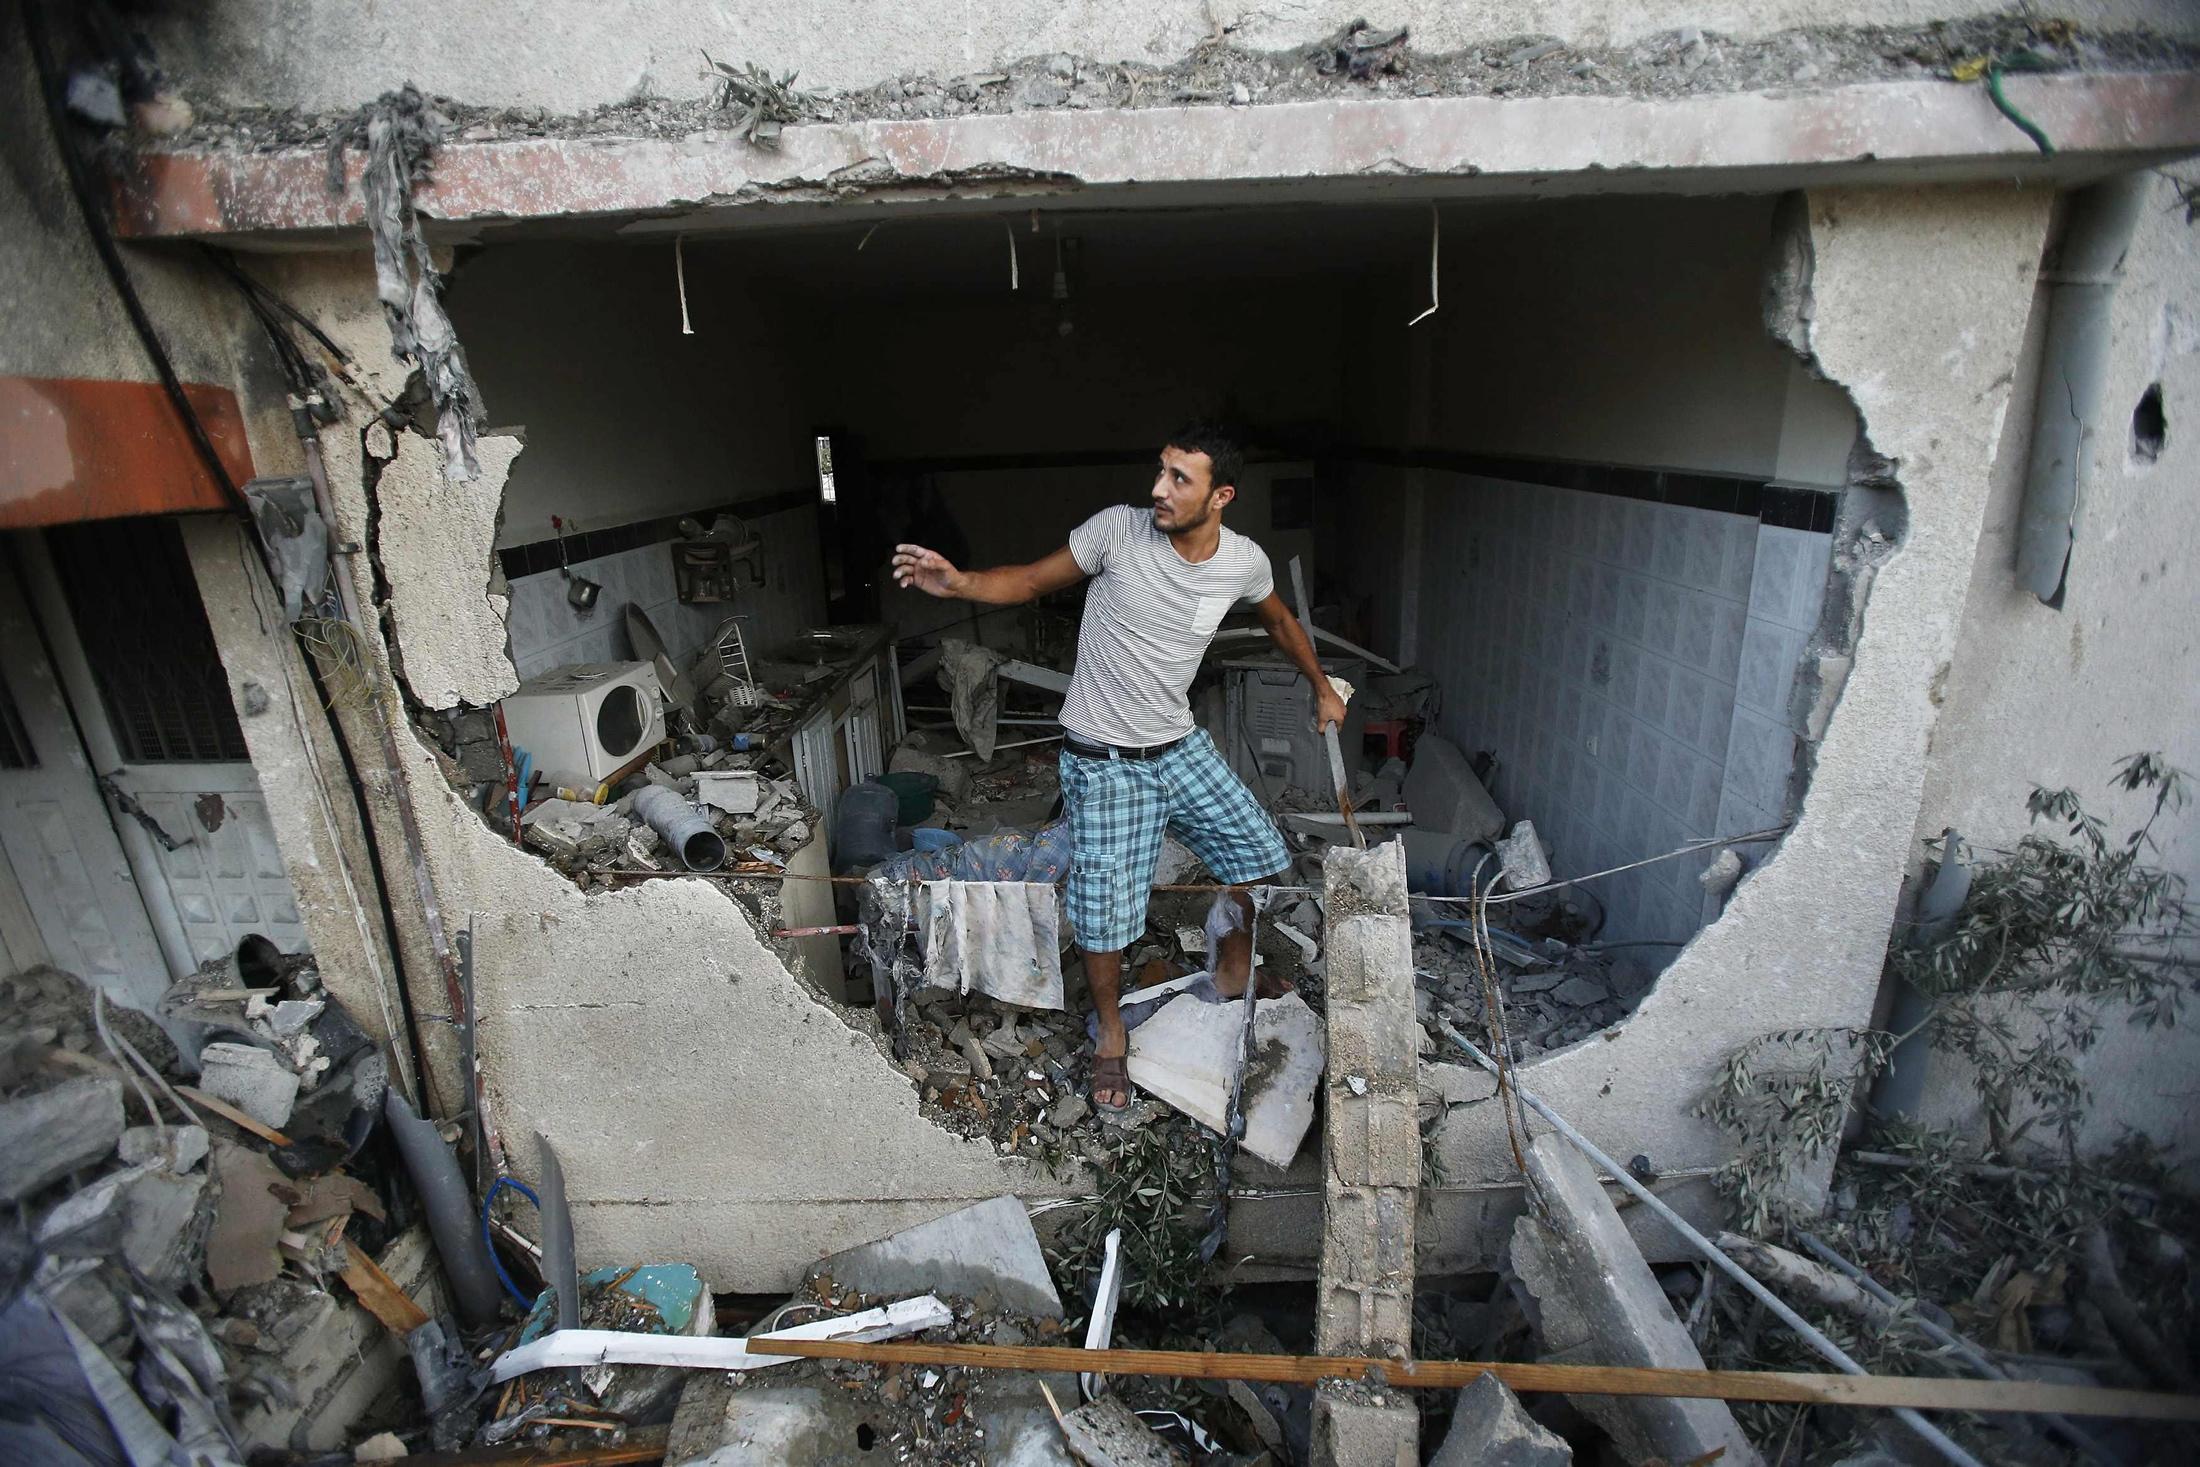 عميدرور: احتلال غزة أو تكرار الحرب كل بضعة سنوات